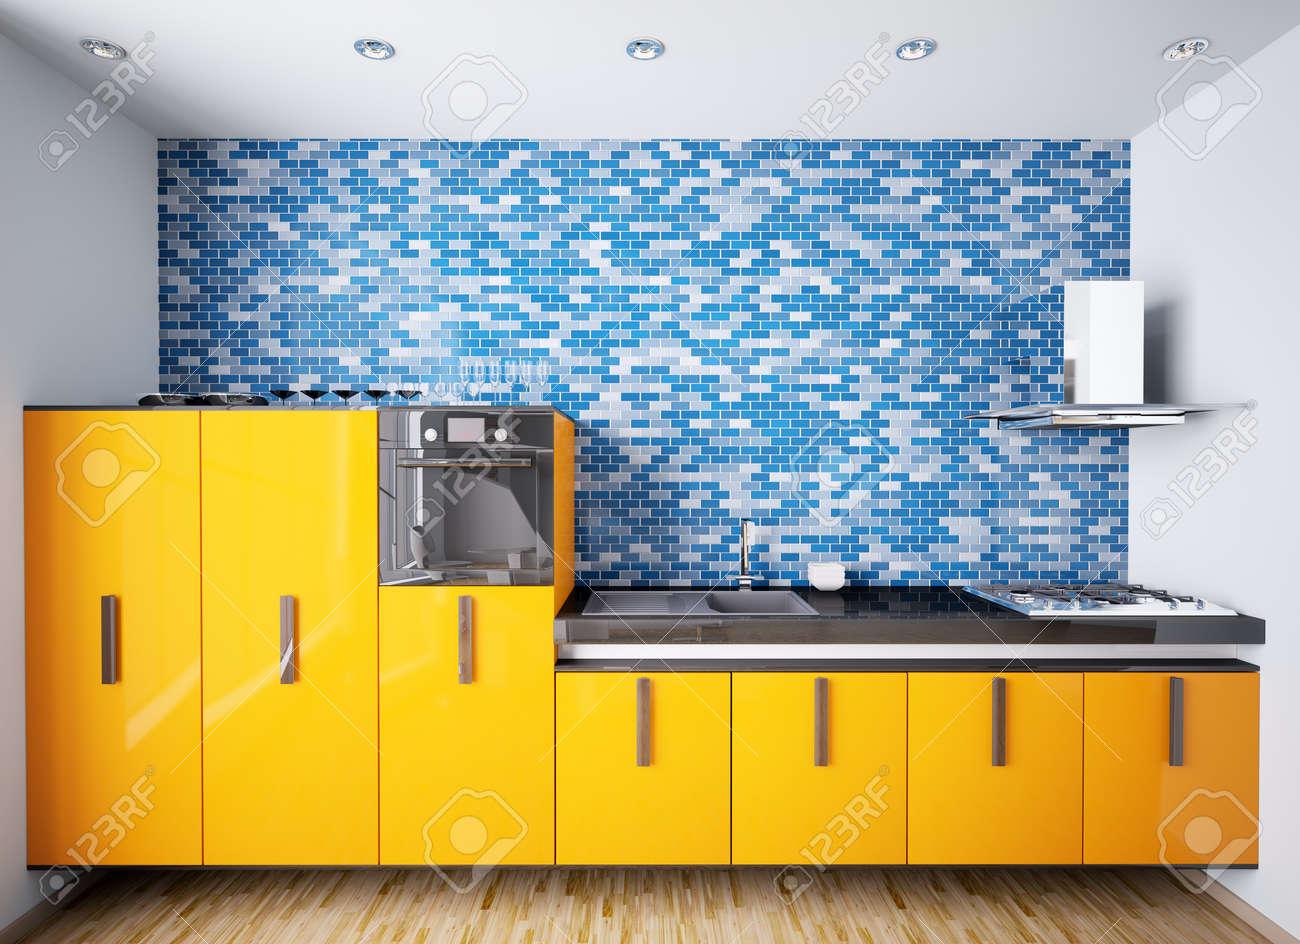 Interieur Van Moderne Oranje Keuken Over Blauwe Mozaïek Muur 3d ...